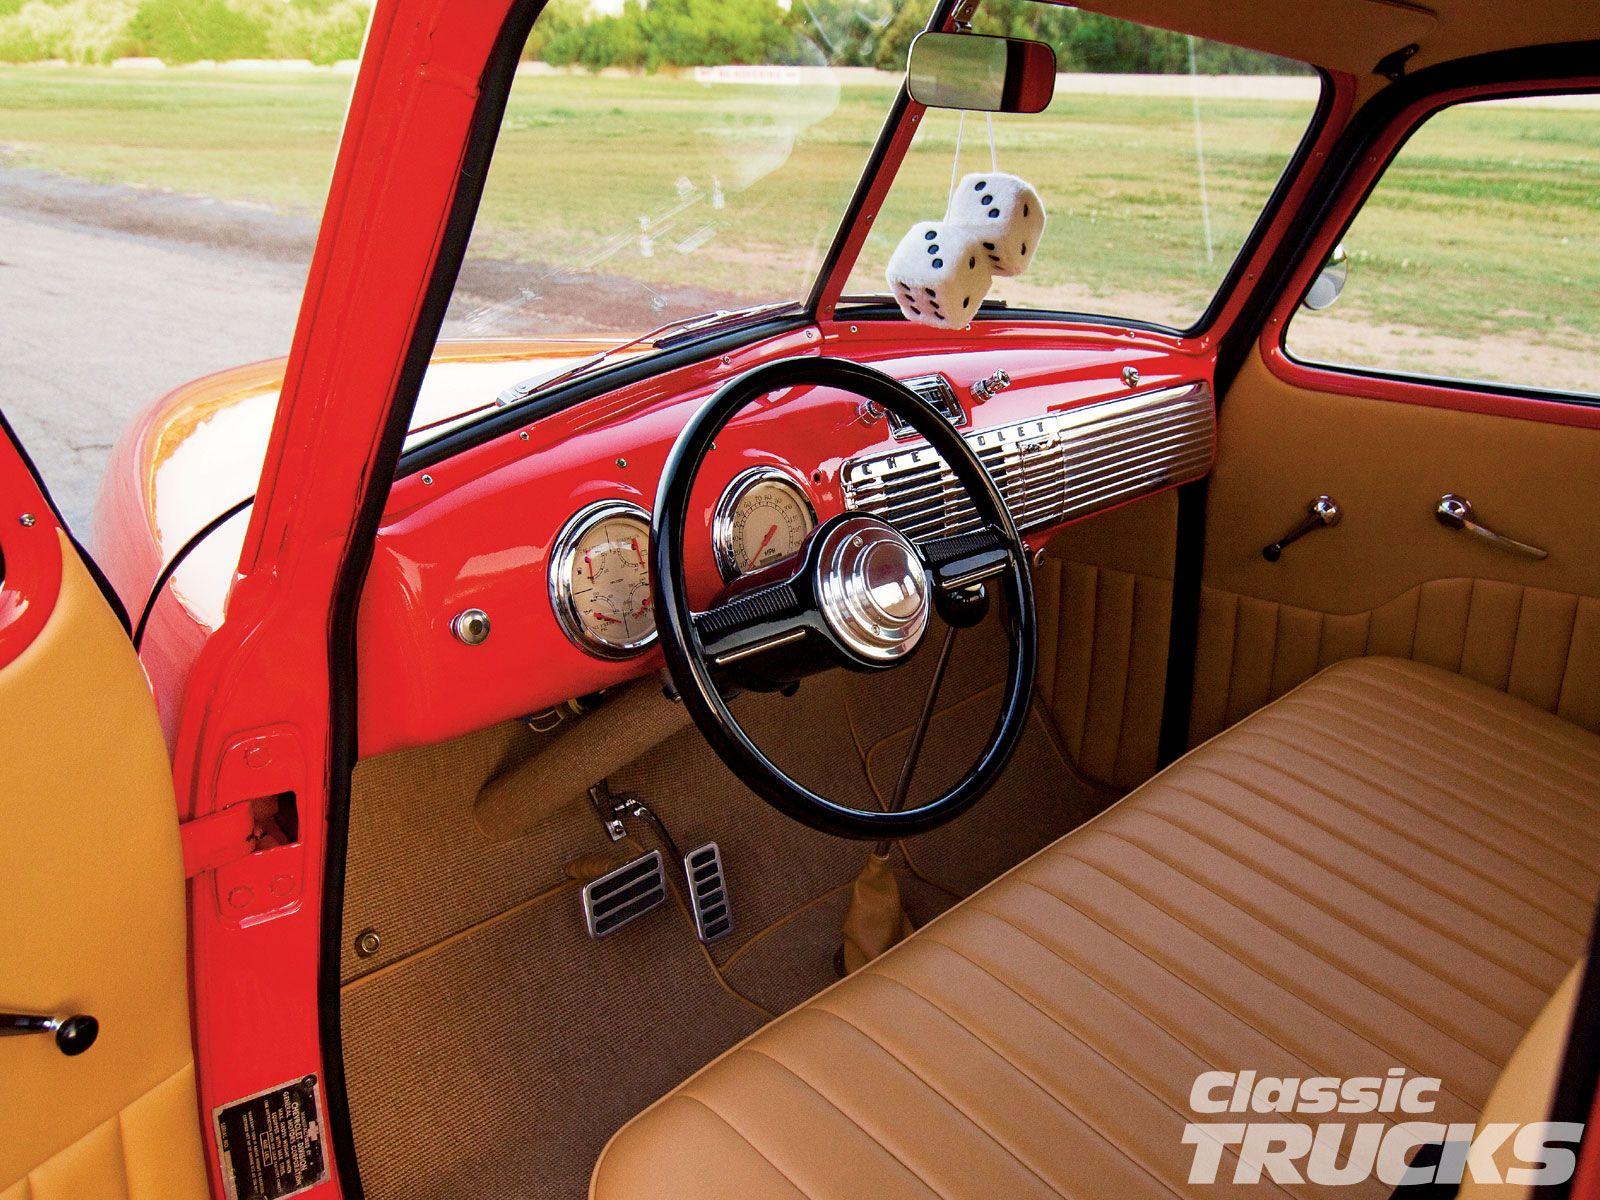 1949 Chevrolet Pickup Classic Trucks Magazine Classic Trucks Chevrolet Pickup Classic Trucks Magazine